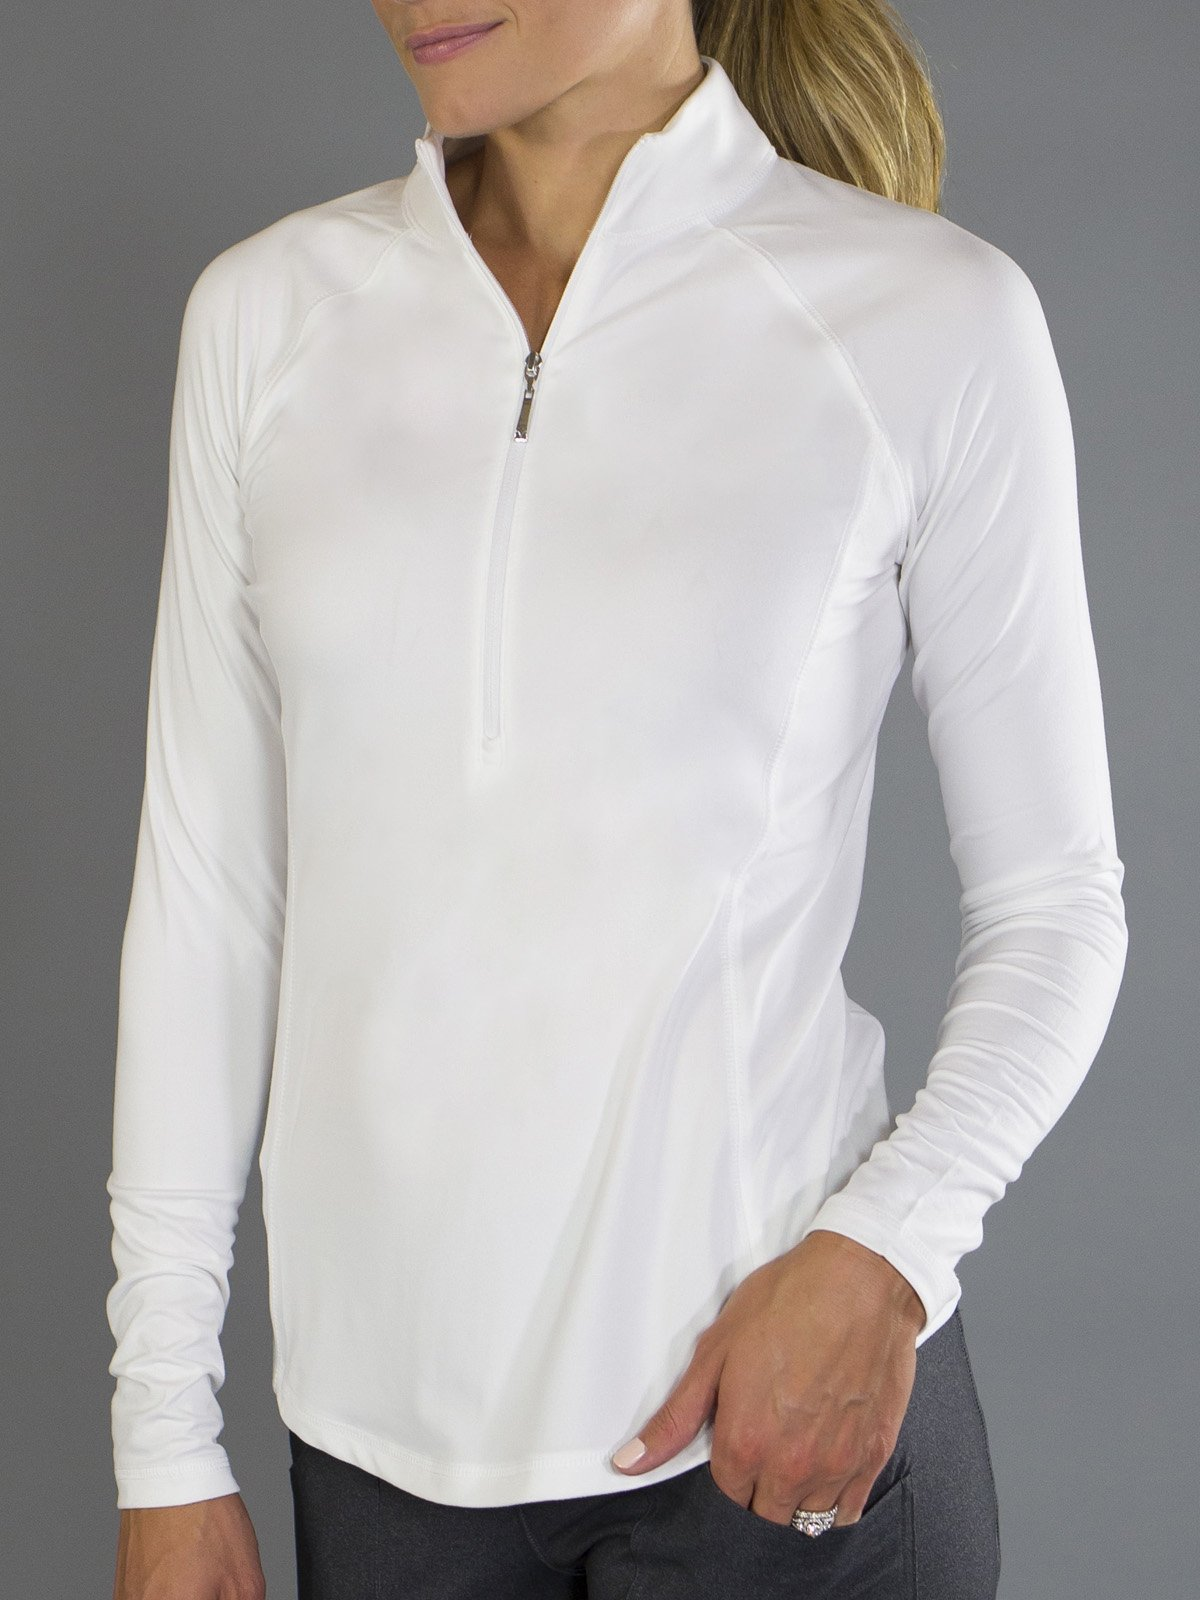 Jofit Brushed Long Sleeve Mock - White - XS